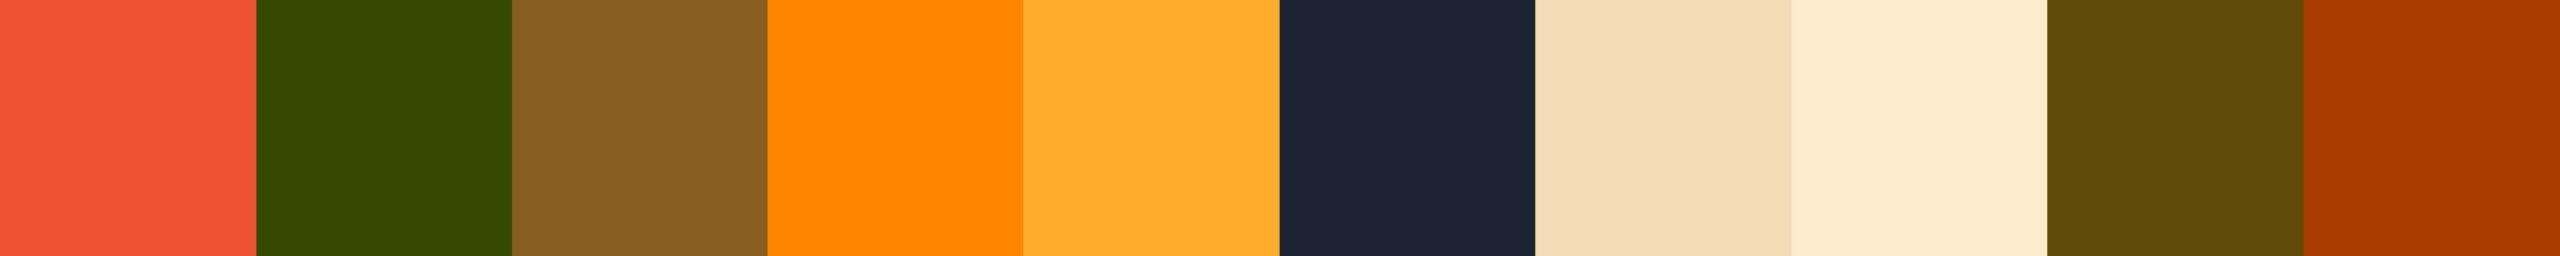 222 Rimozela Color Palette